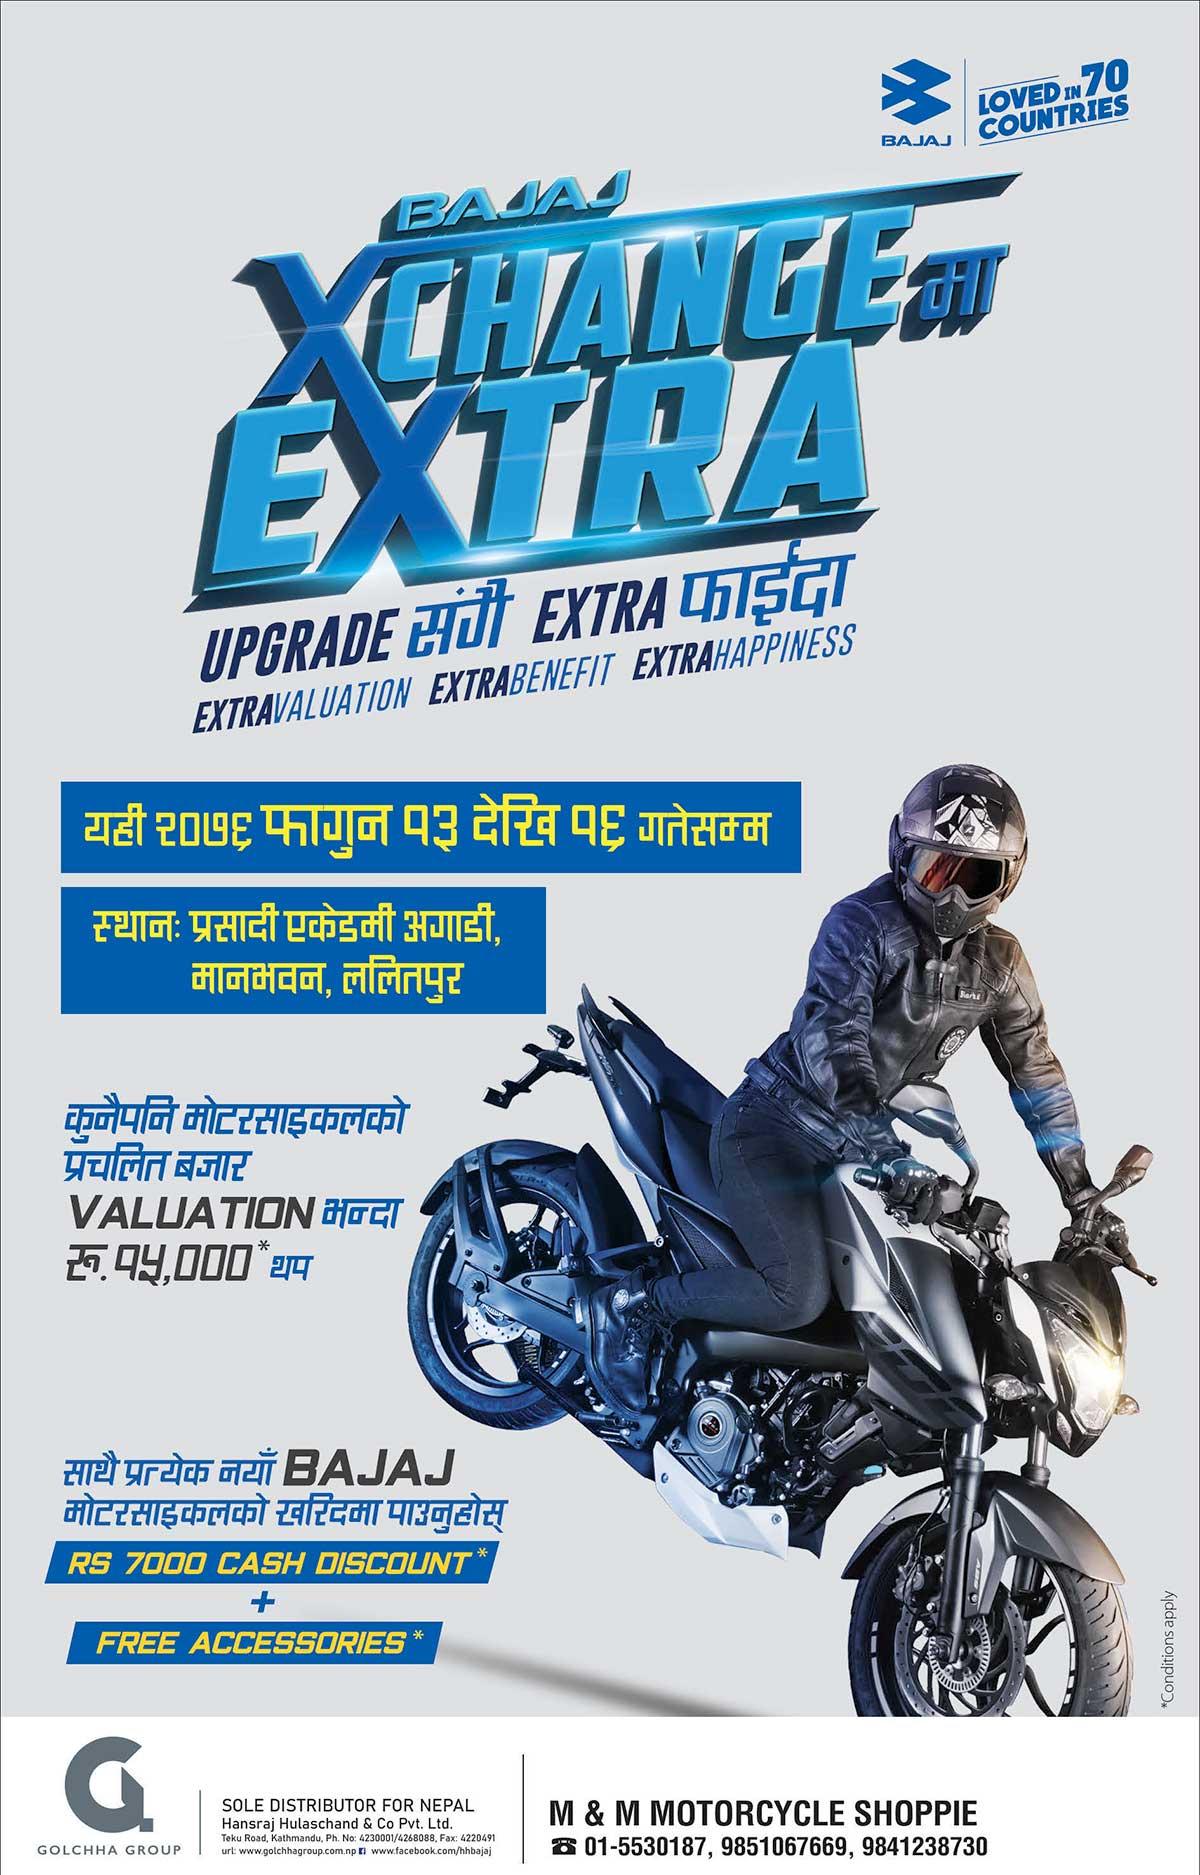 Bajaj Xchange Extra Image1